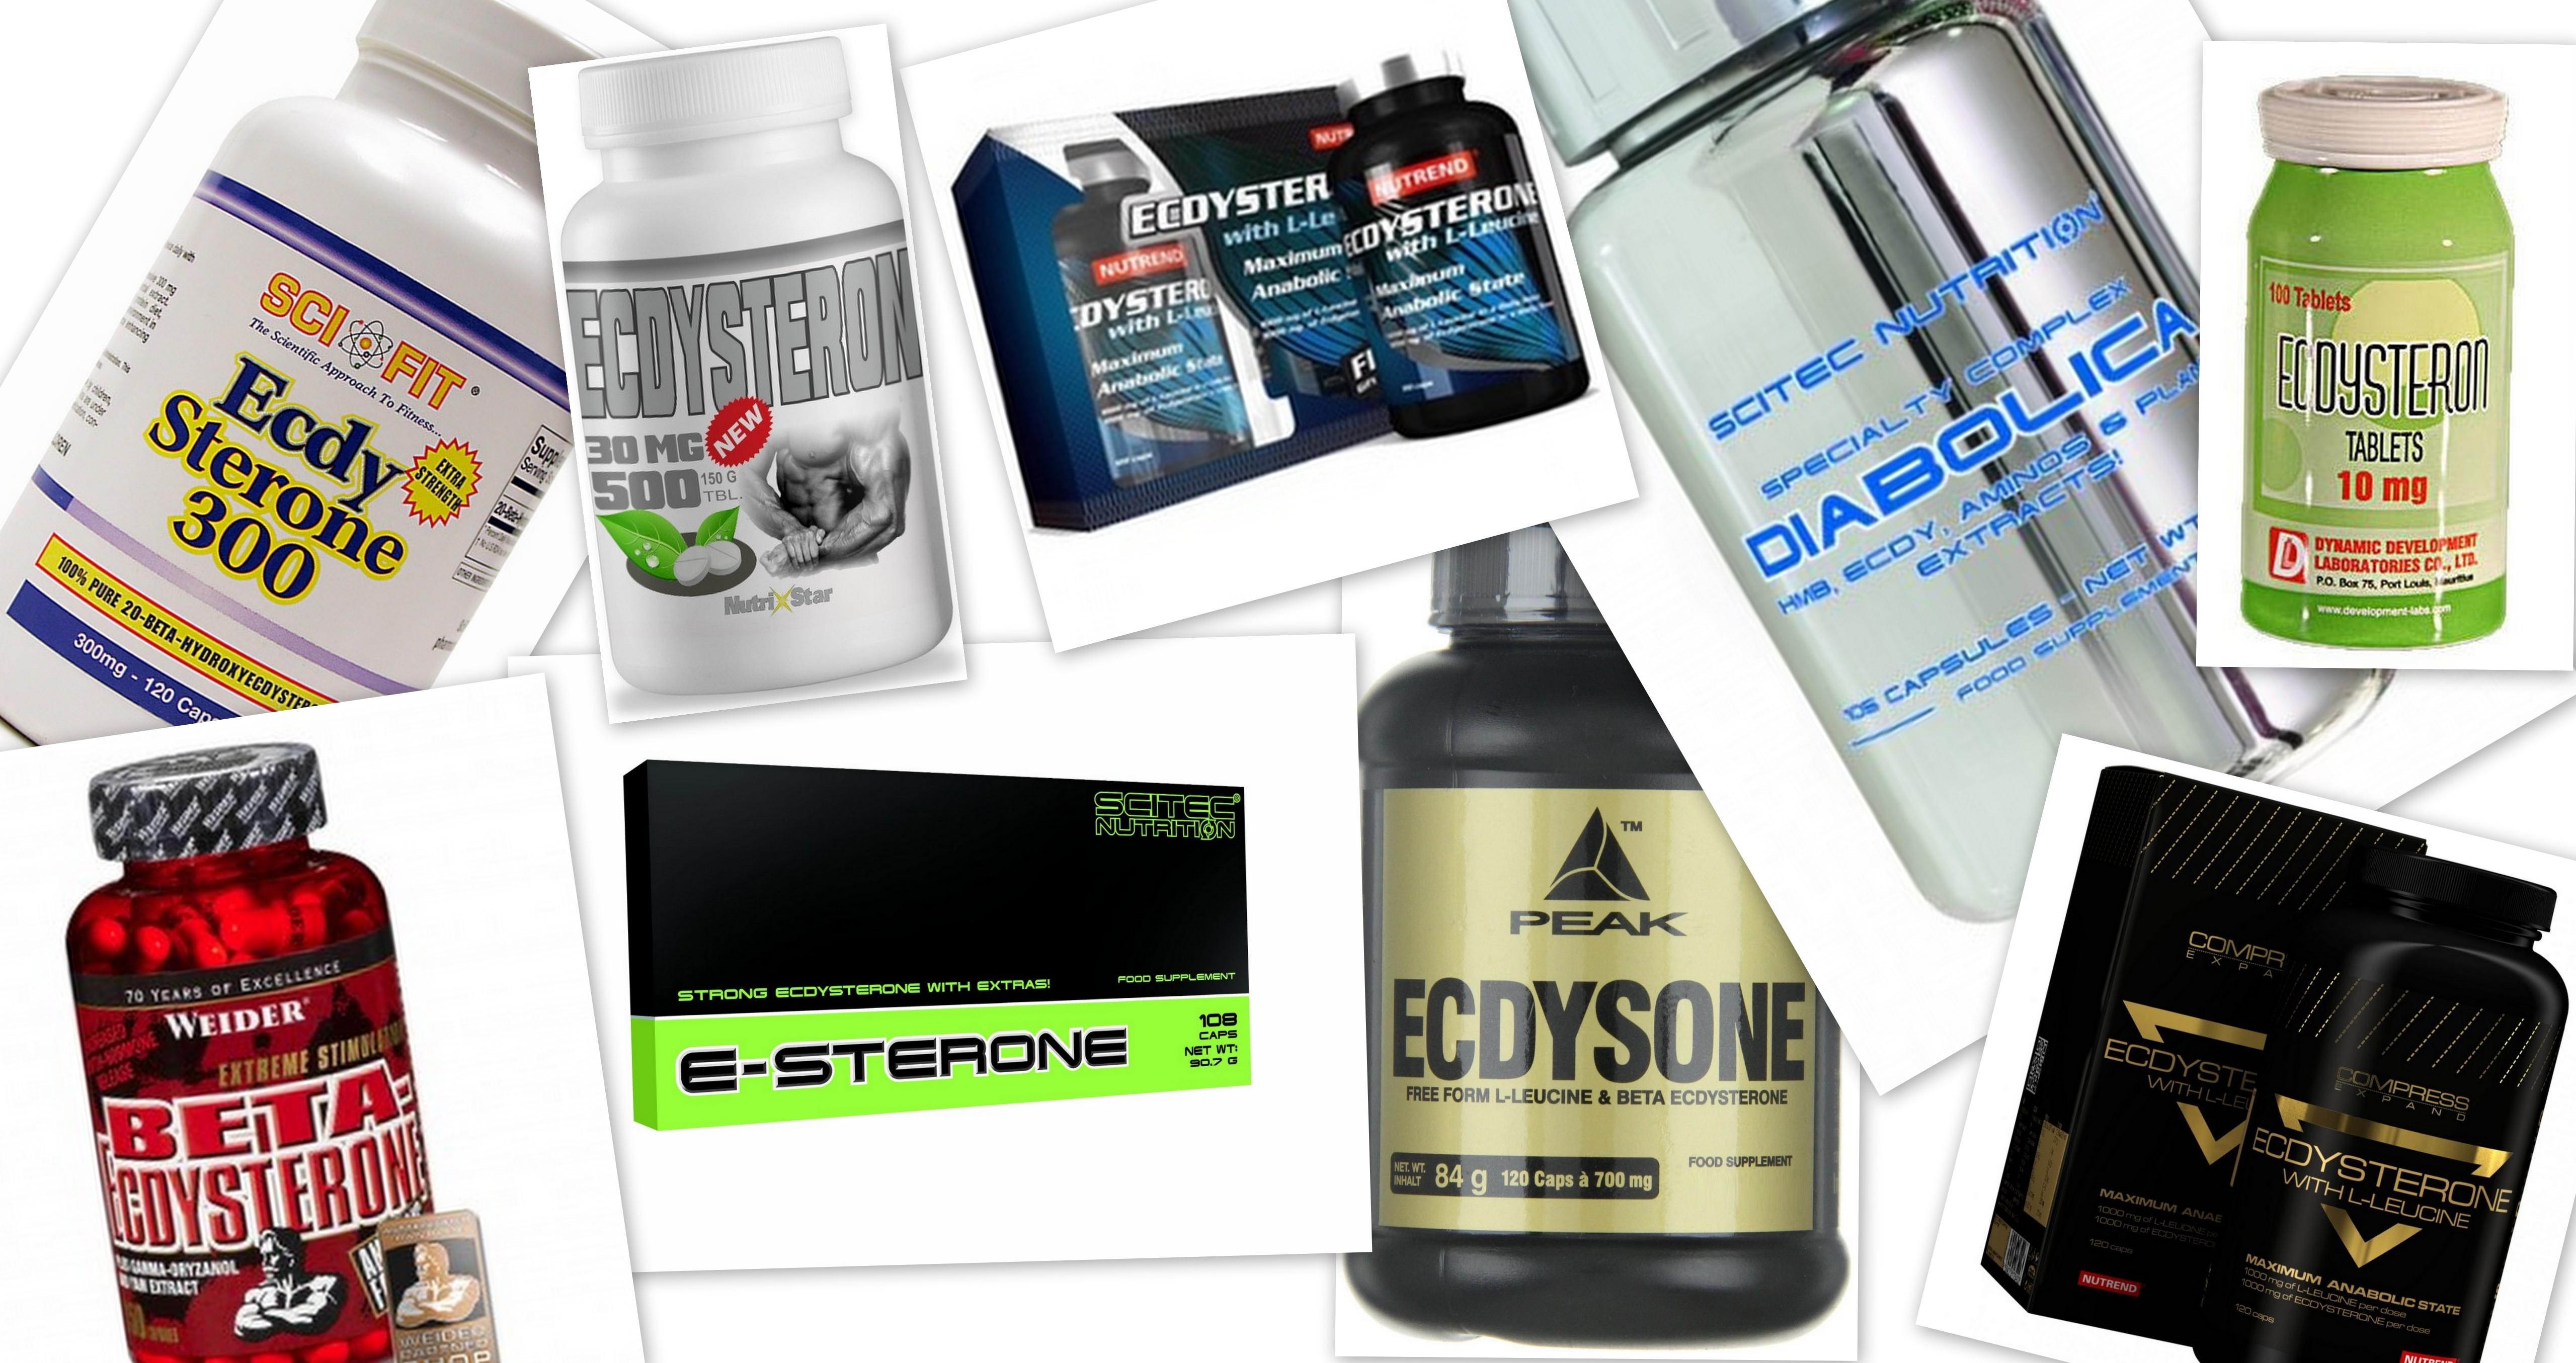 Ecdysteron_Supplement